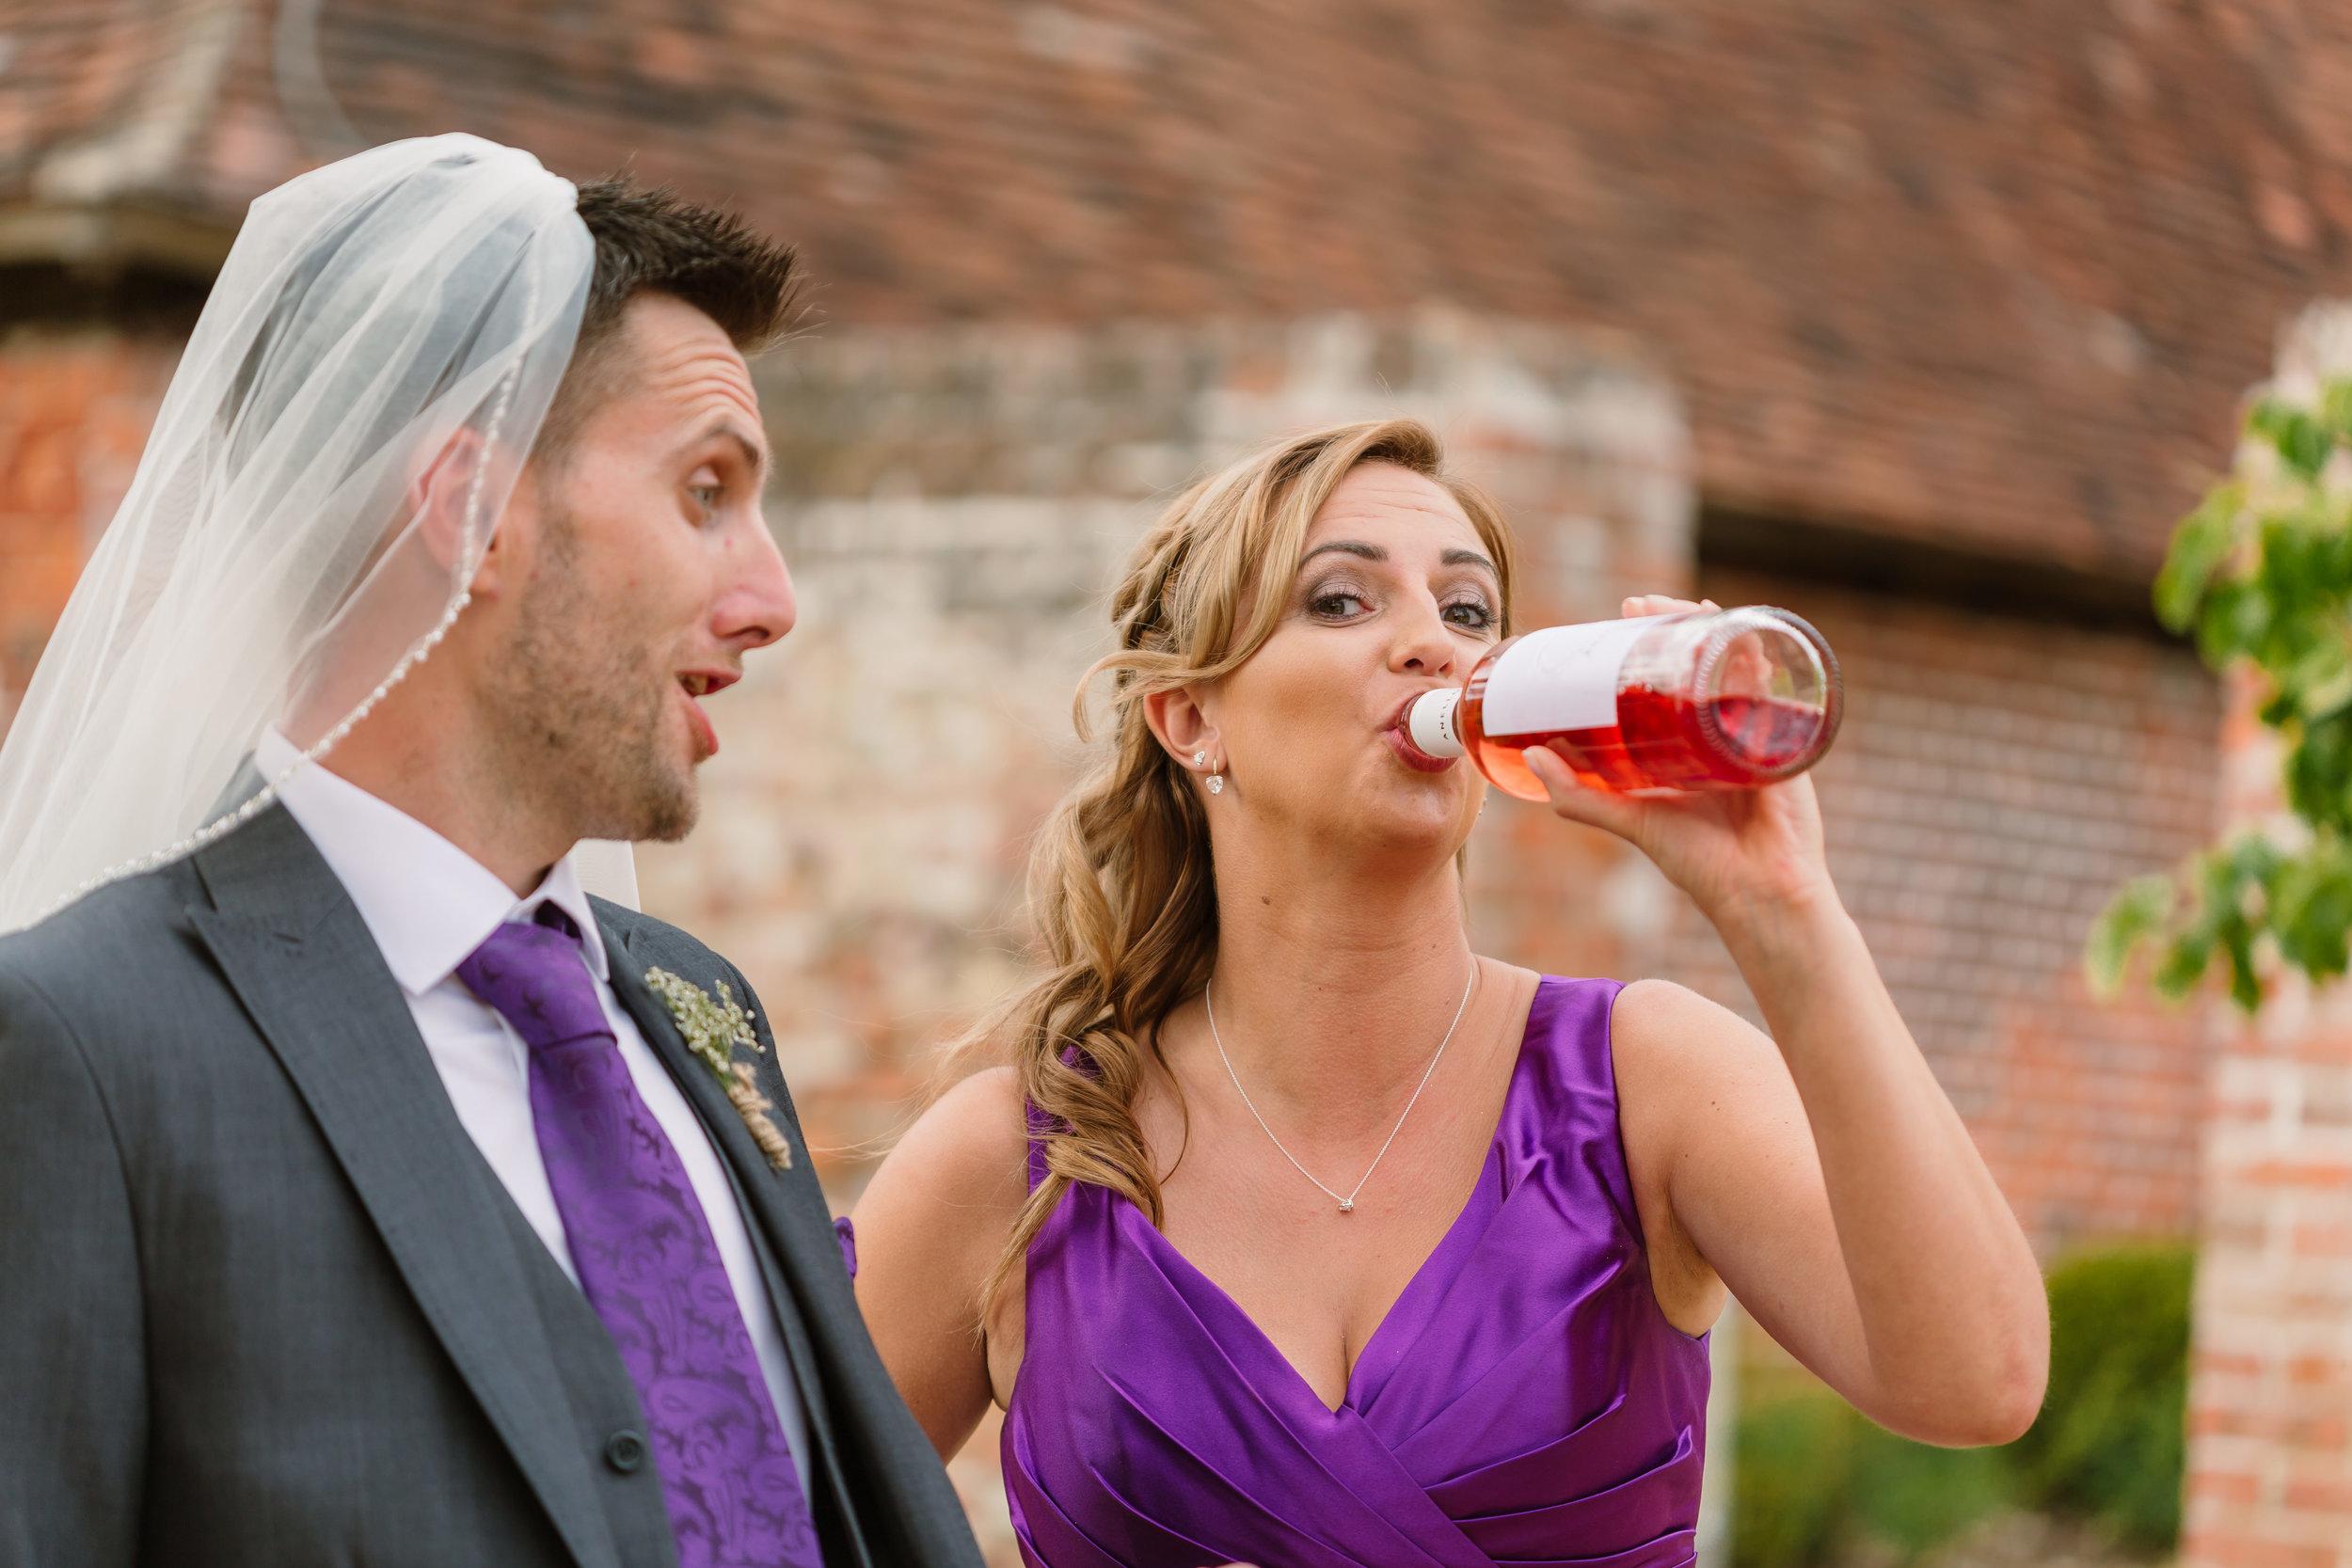 Hampshire Wedding Photographer Hampshire : Ufton-Court-Wedding : Barn-wedding-venue-hampshire : sarah-fishlock-photography : hampshire-barn-wedding-983.jpg